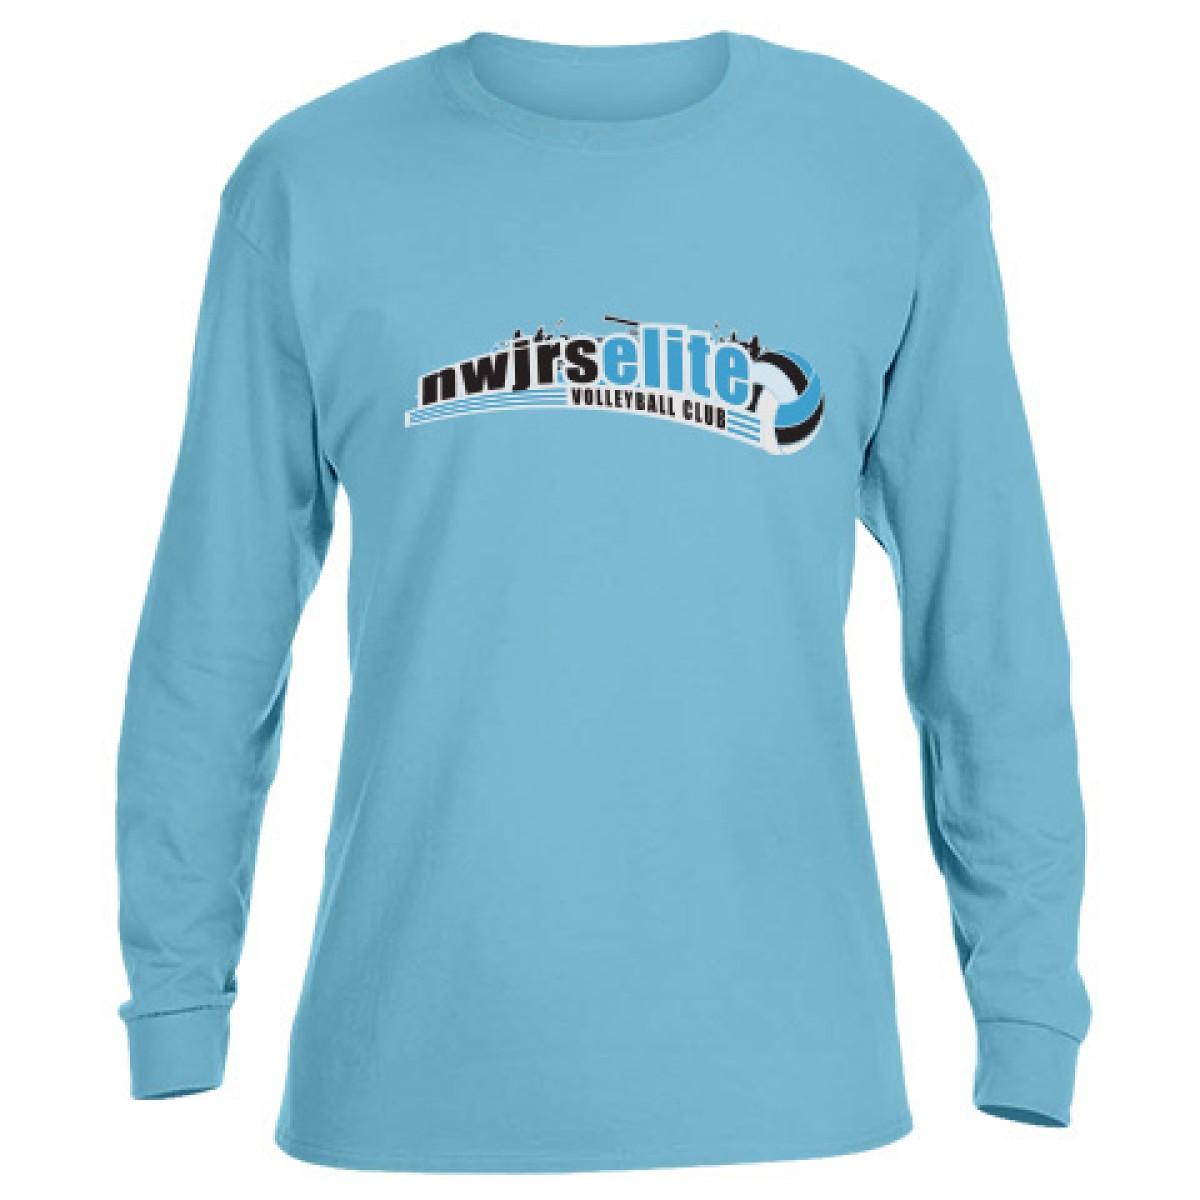 Northwest Volleyball Foundation Scholarship Program-Sky Blue-XS